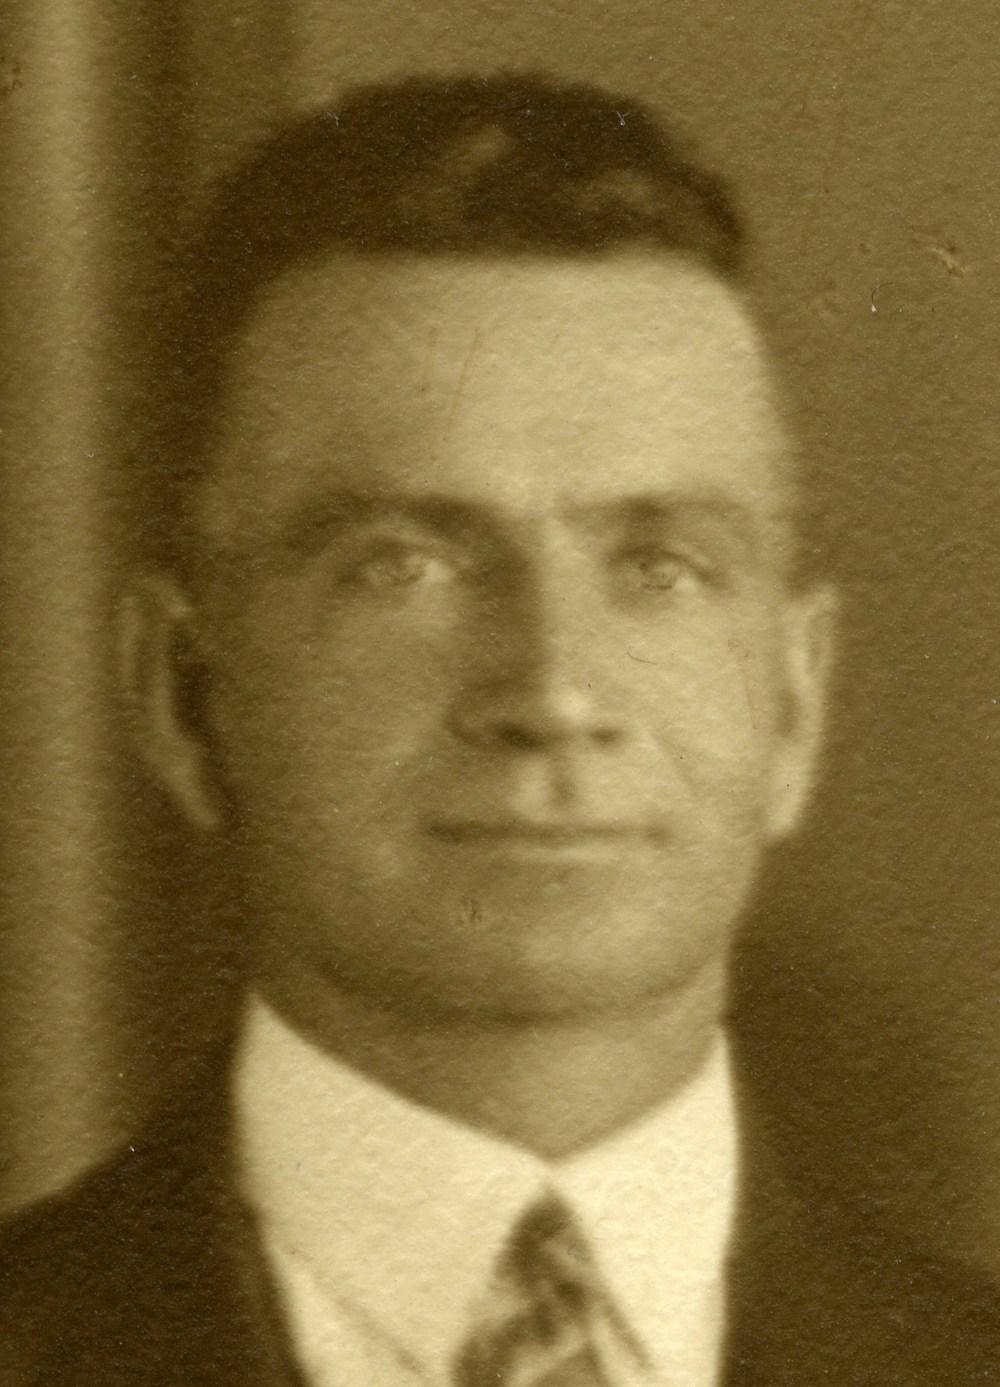 35 Ernest Quinnell.jpg